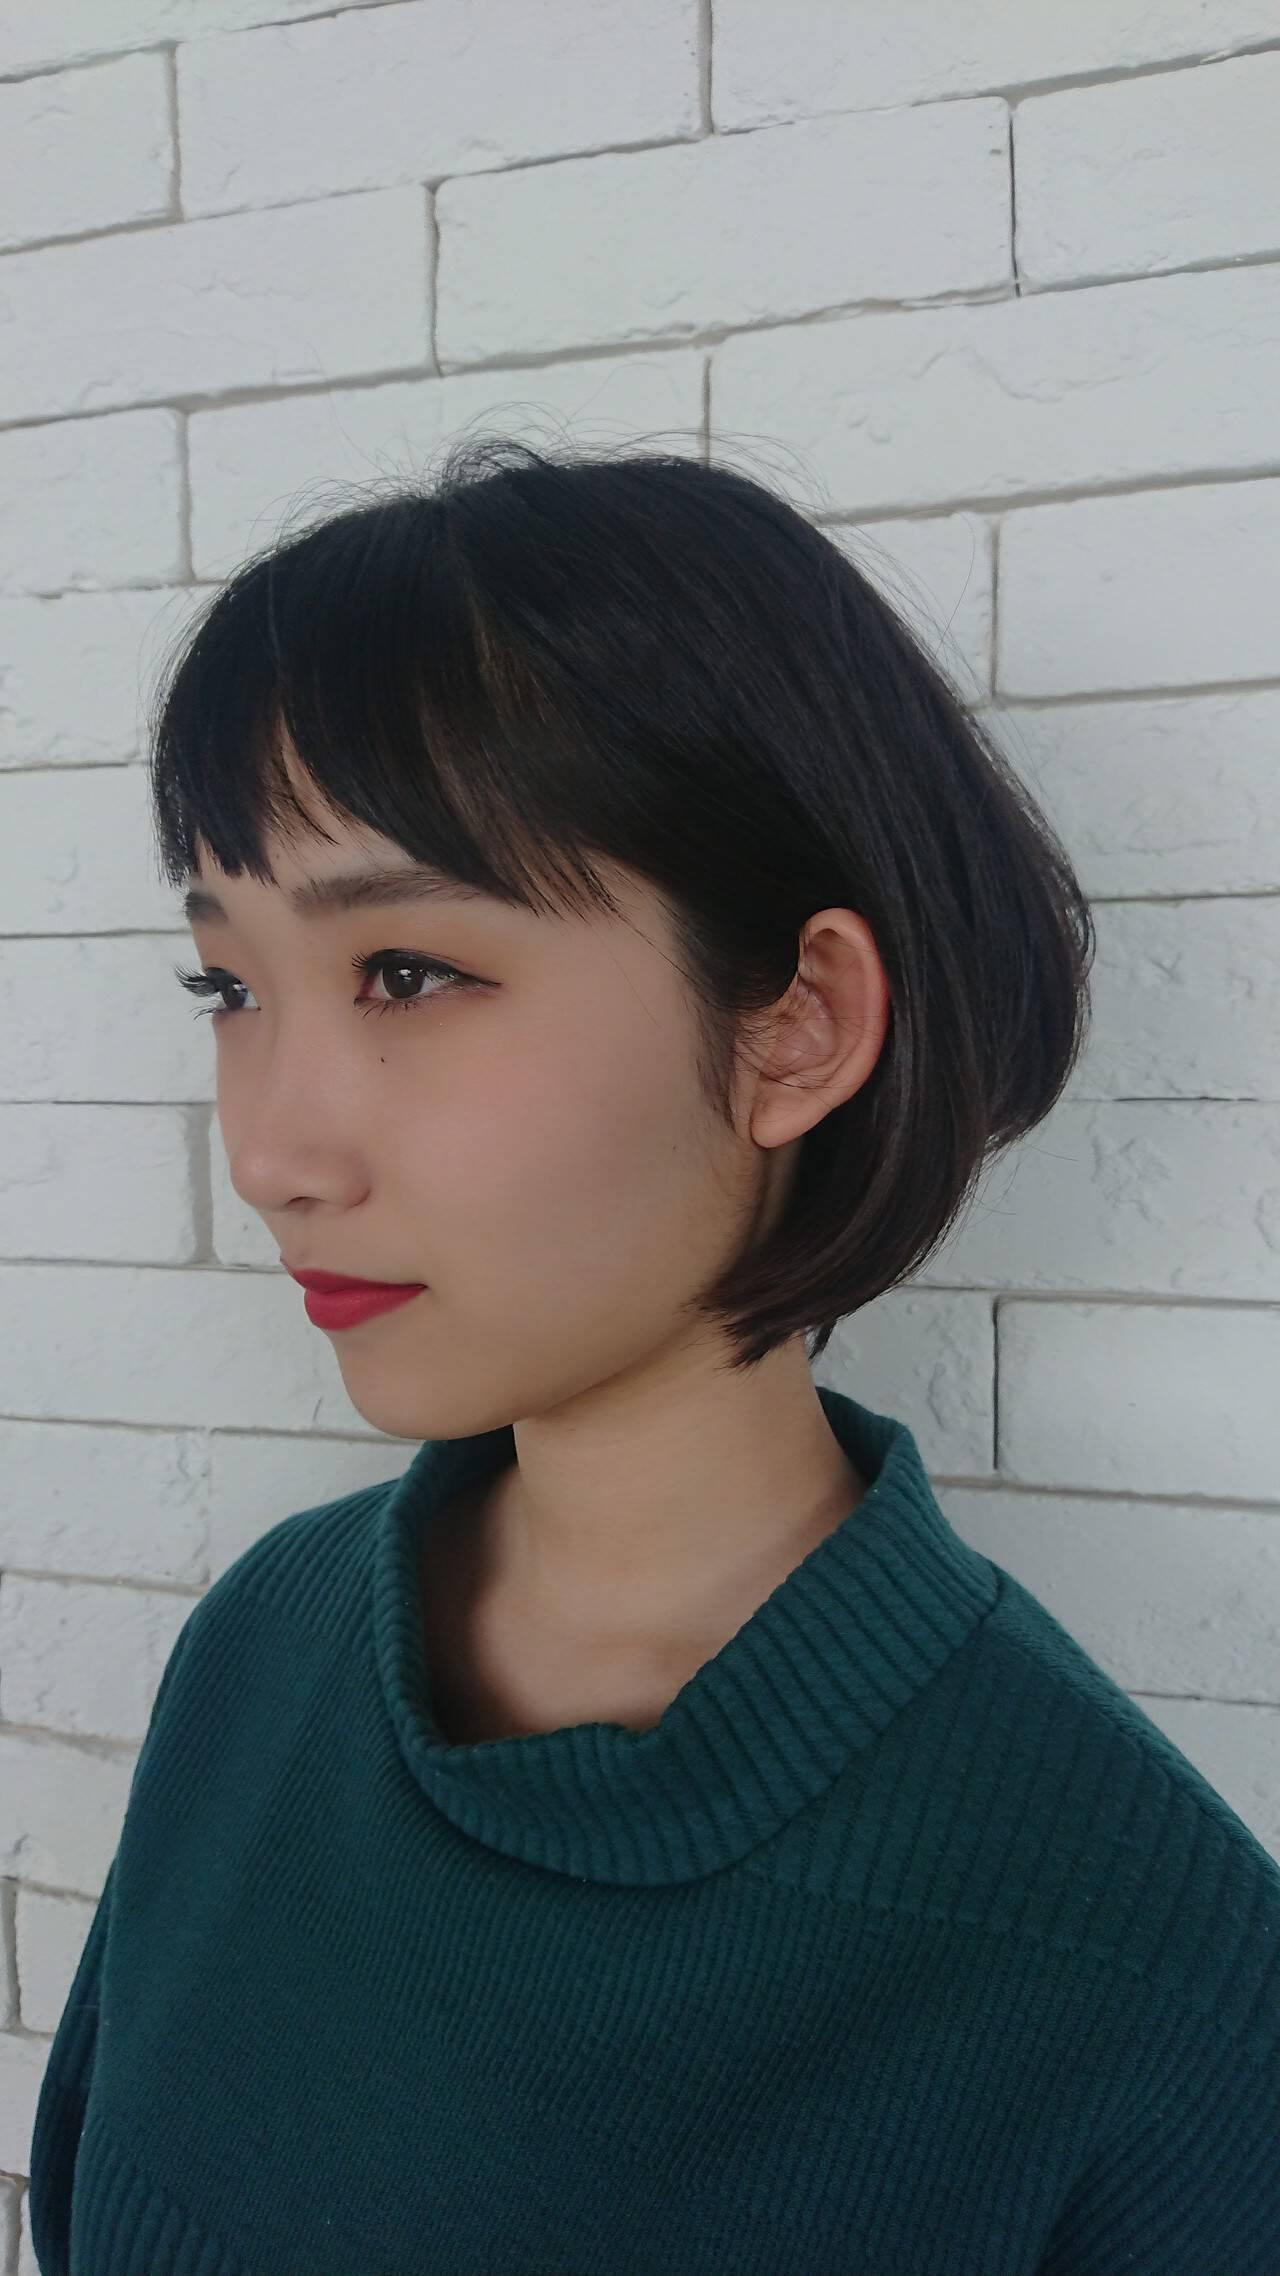 シースルーバング モード ショート ダブルバングヘアスタイルや髪型の写真・画像